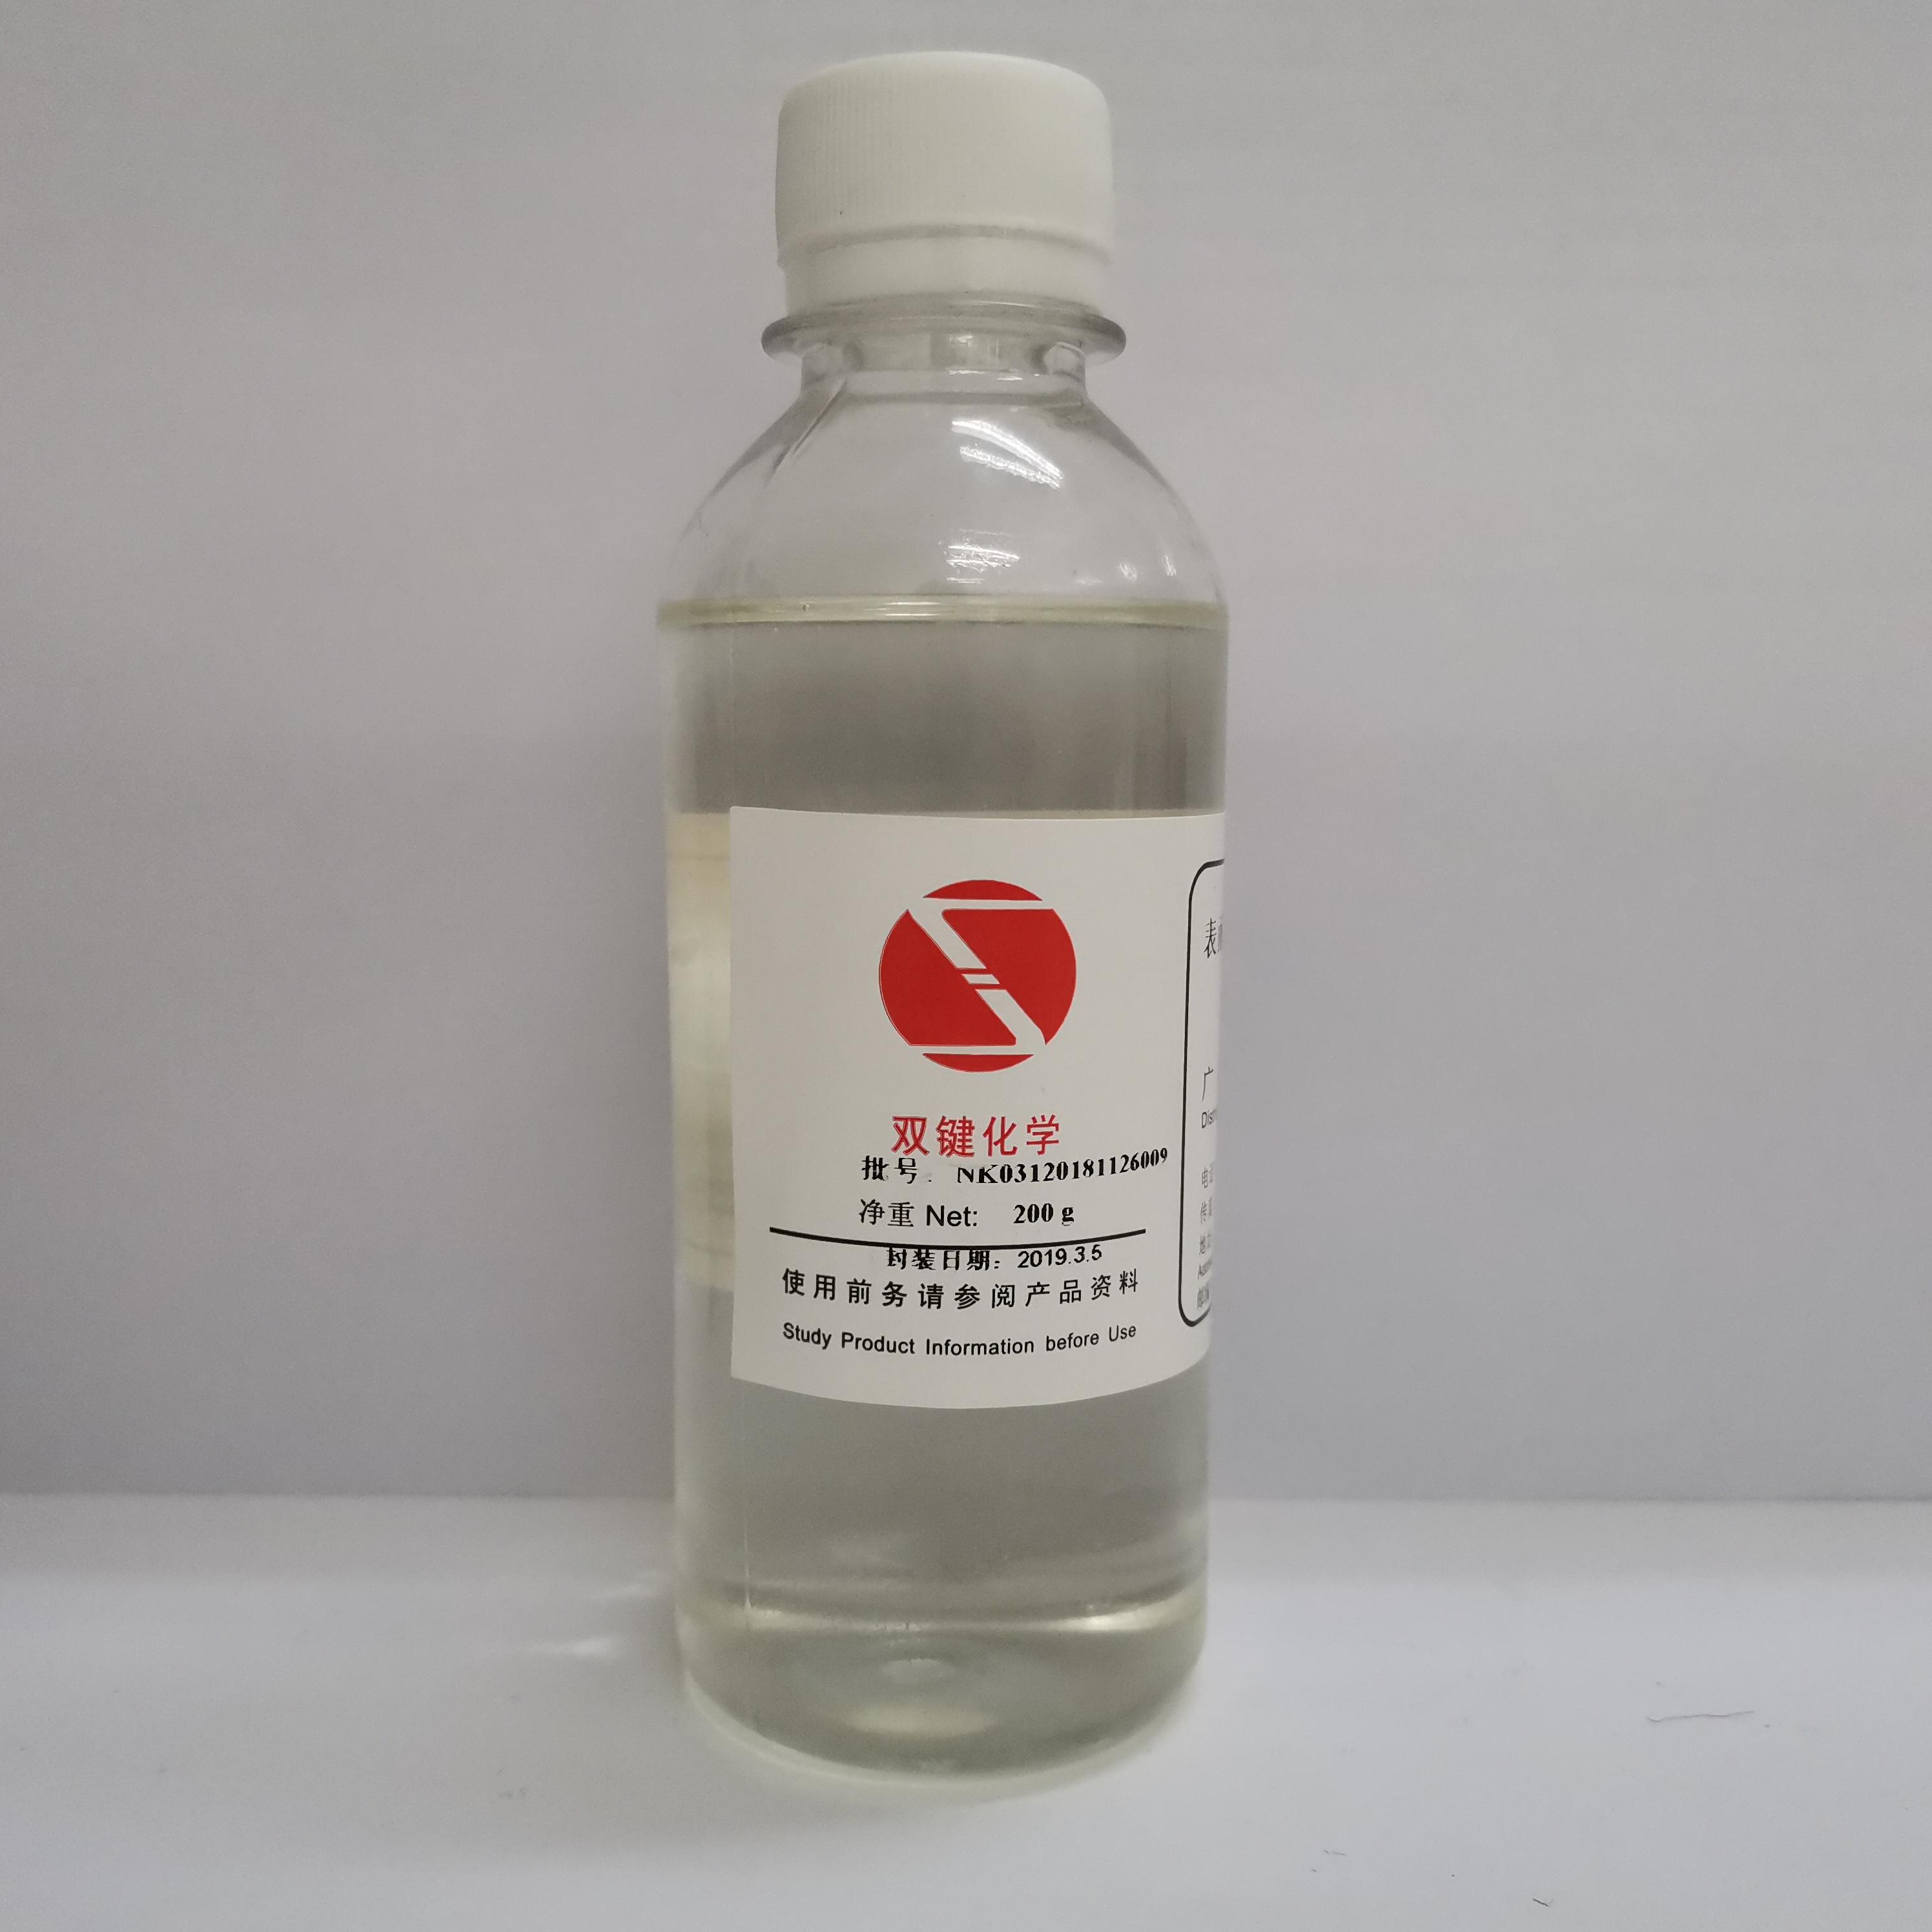 磺基琥珀酸癸基聚氧乙烯(6)醚酯二钠